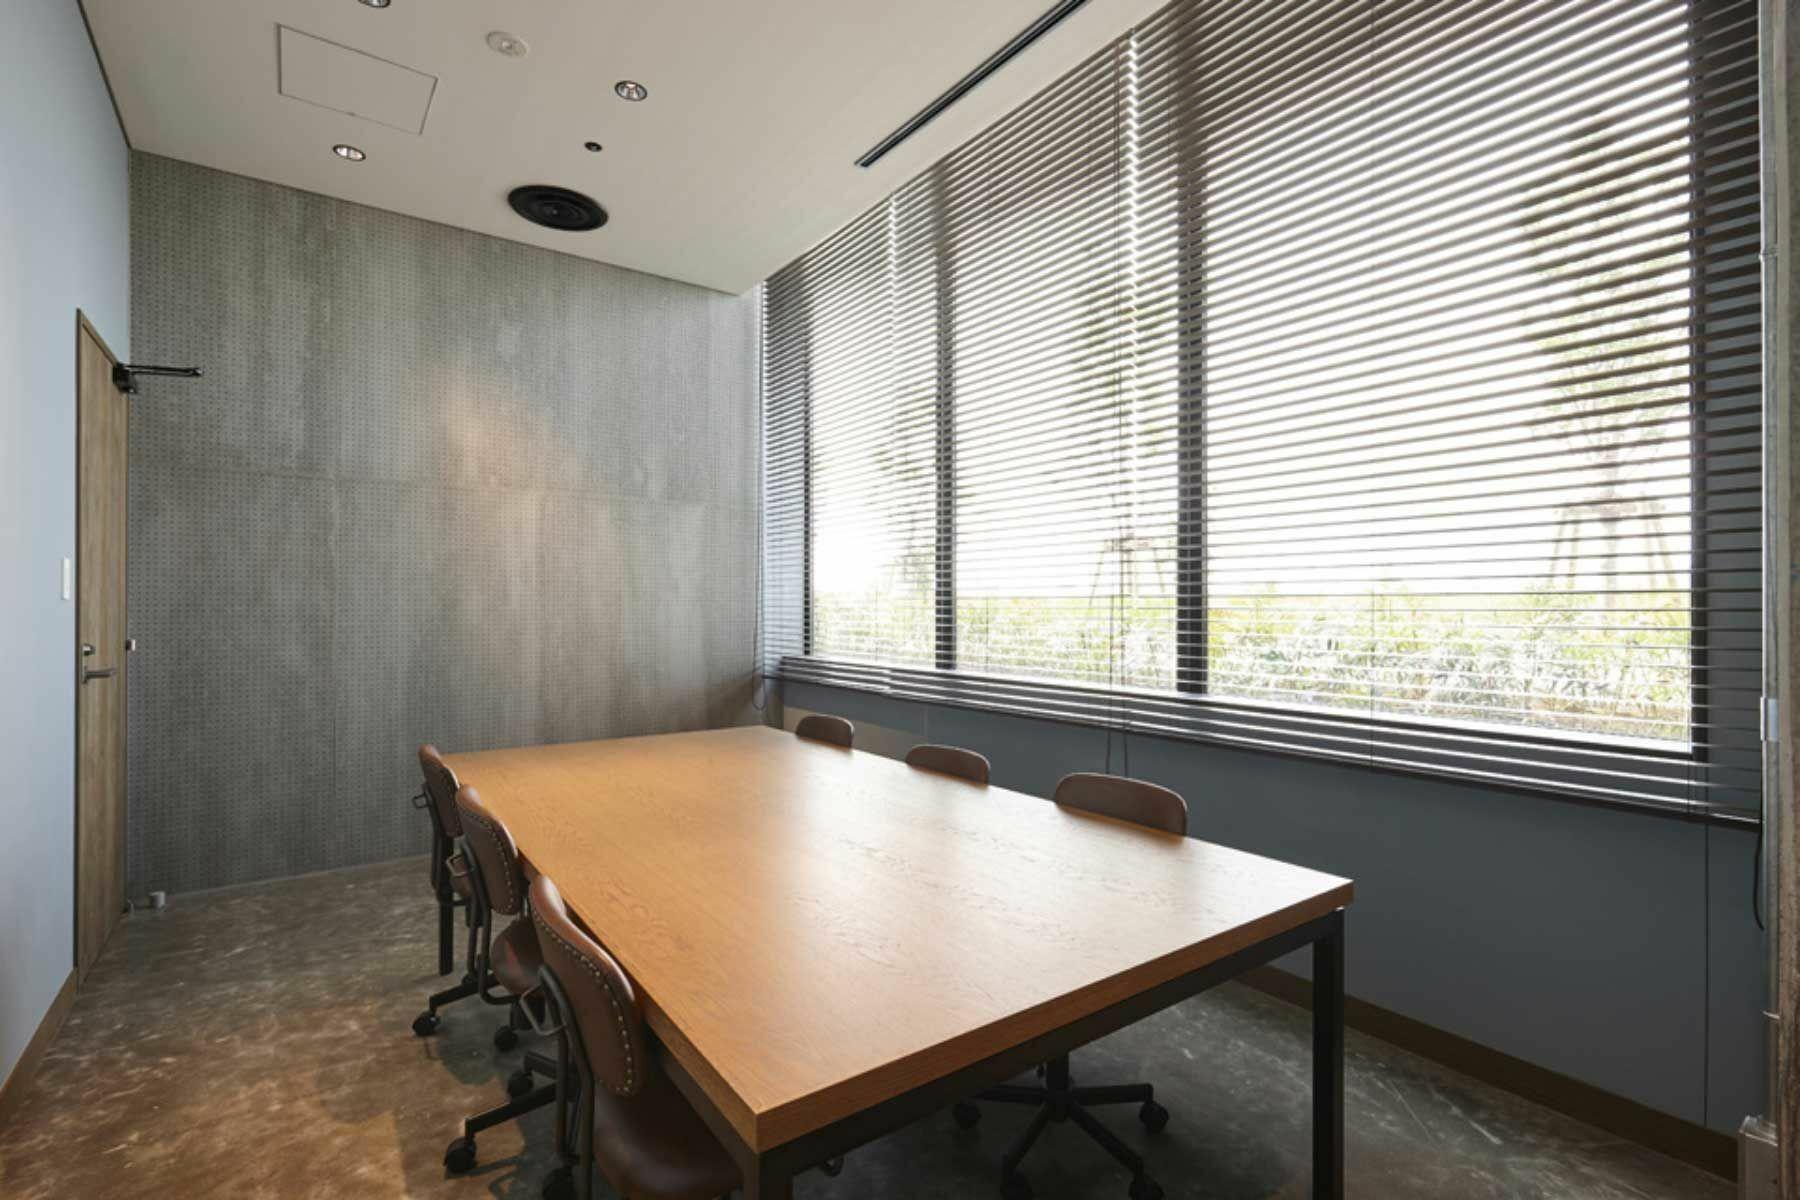 川崎キングスカイフロント東急REIホテル(トウキュウレイホテル)オプション 客室/ツインルーム